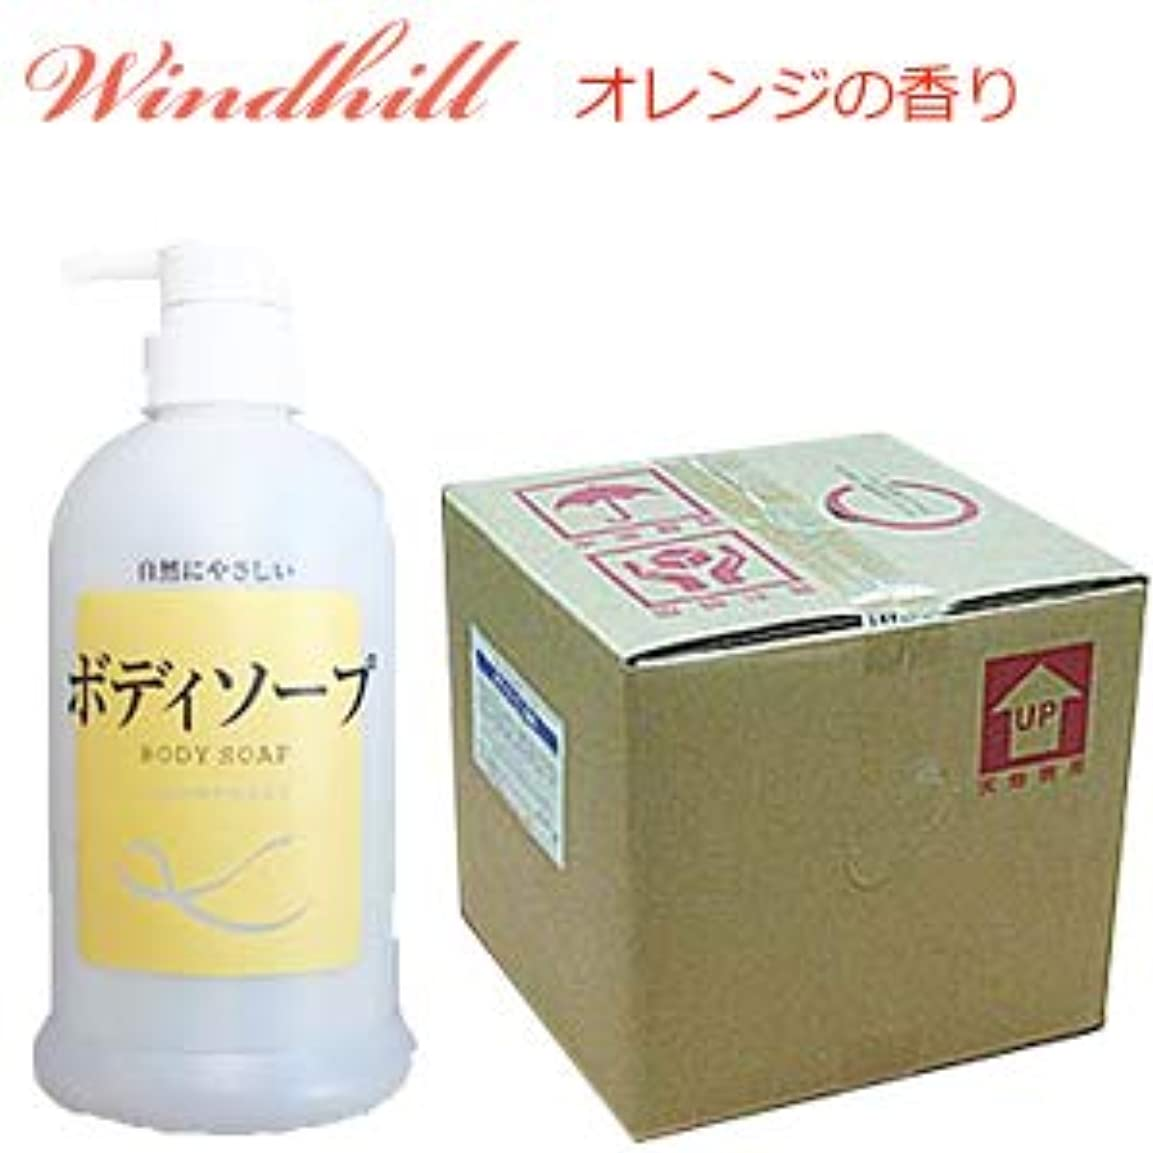 方程式貨物貸すWindhill 植物性 業務用ボディソープオレンジの香り 20L(1セット20L入)